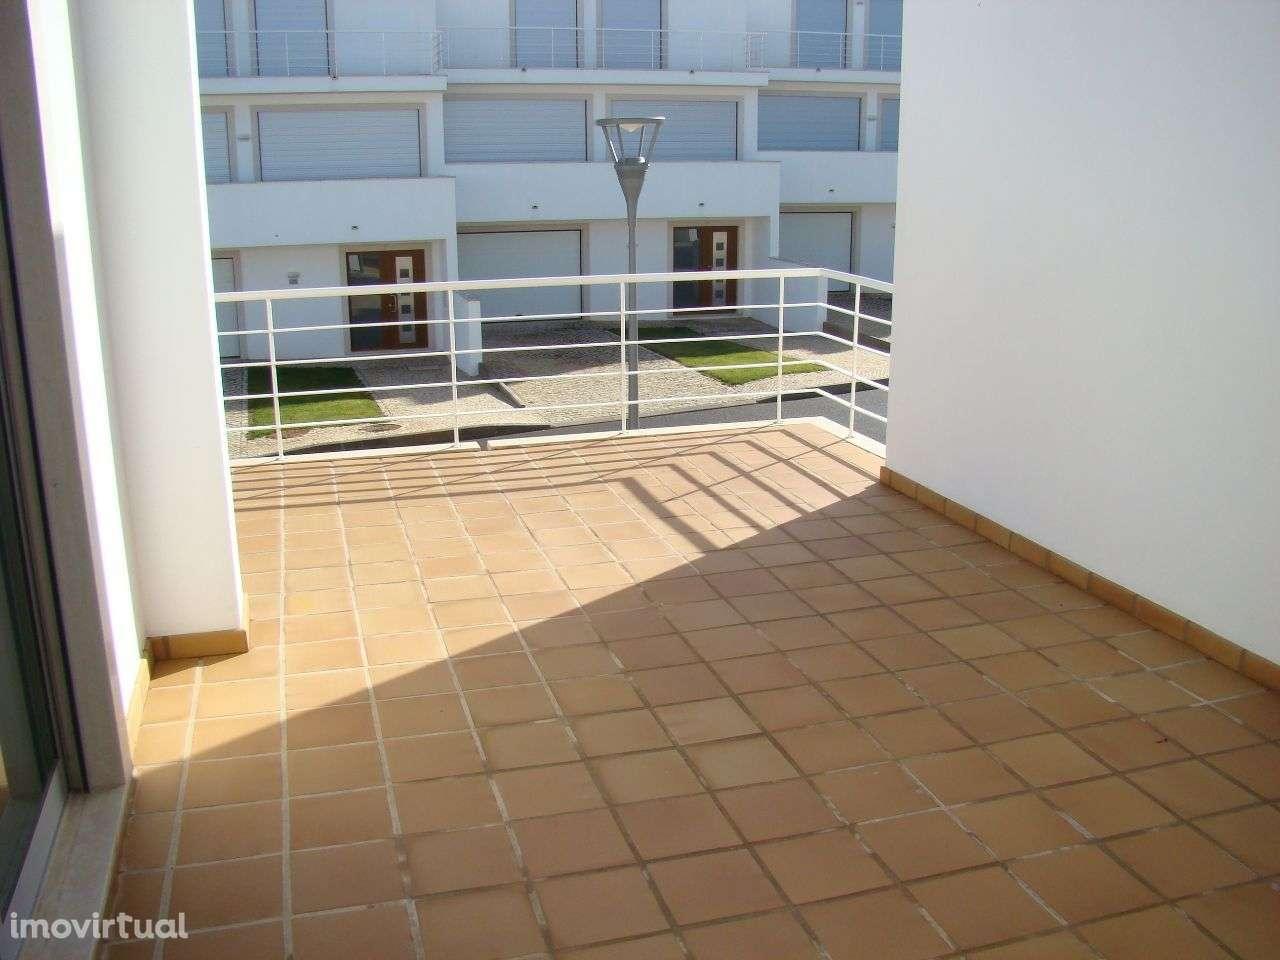 Moradia para comprar, Quarteira, Faro - Foto 25